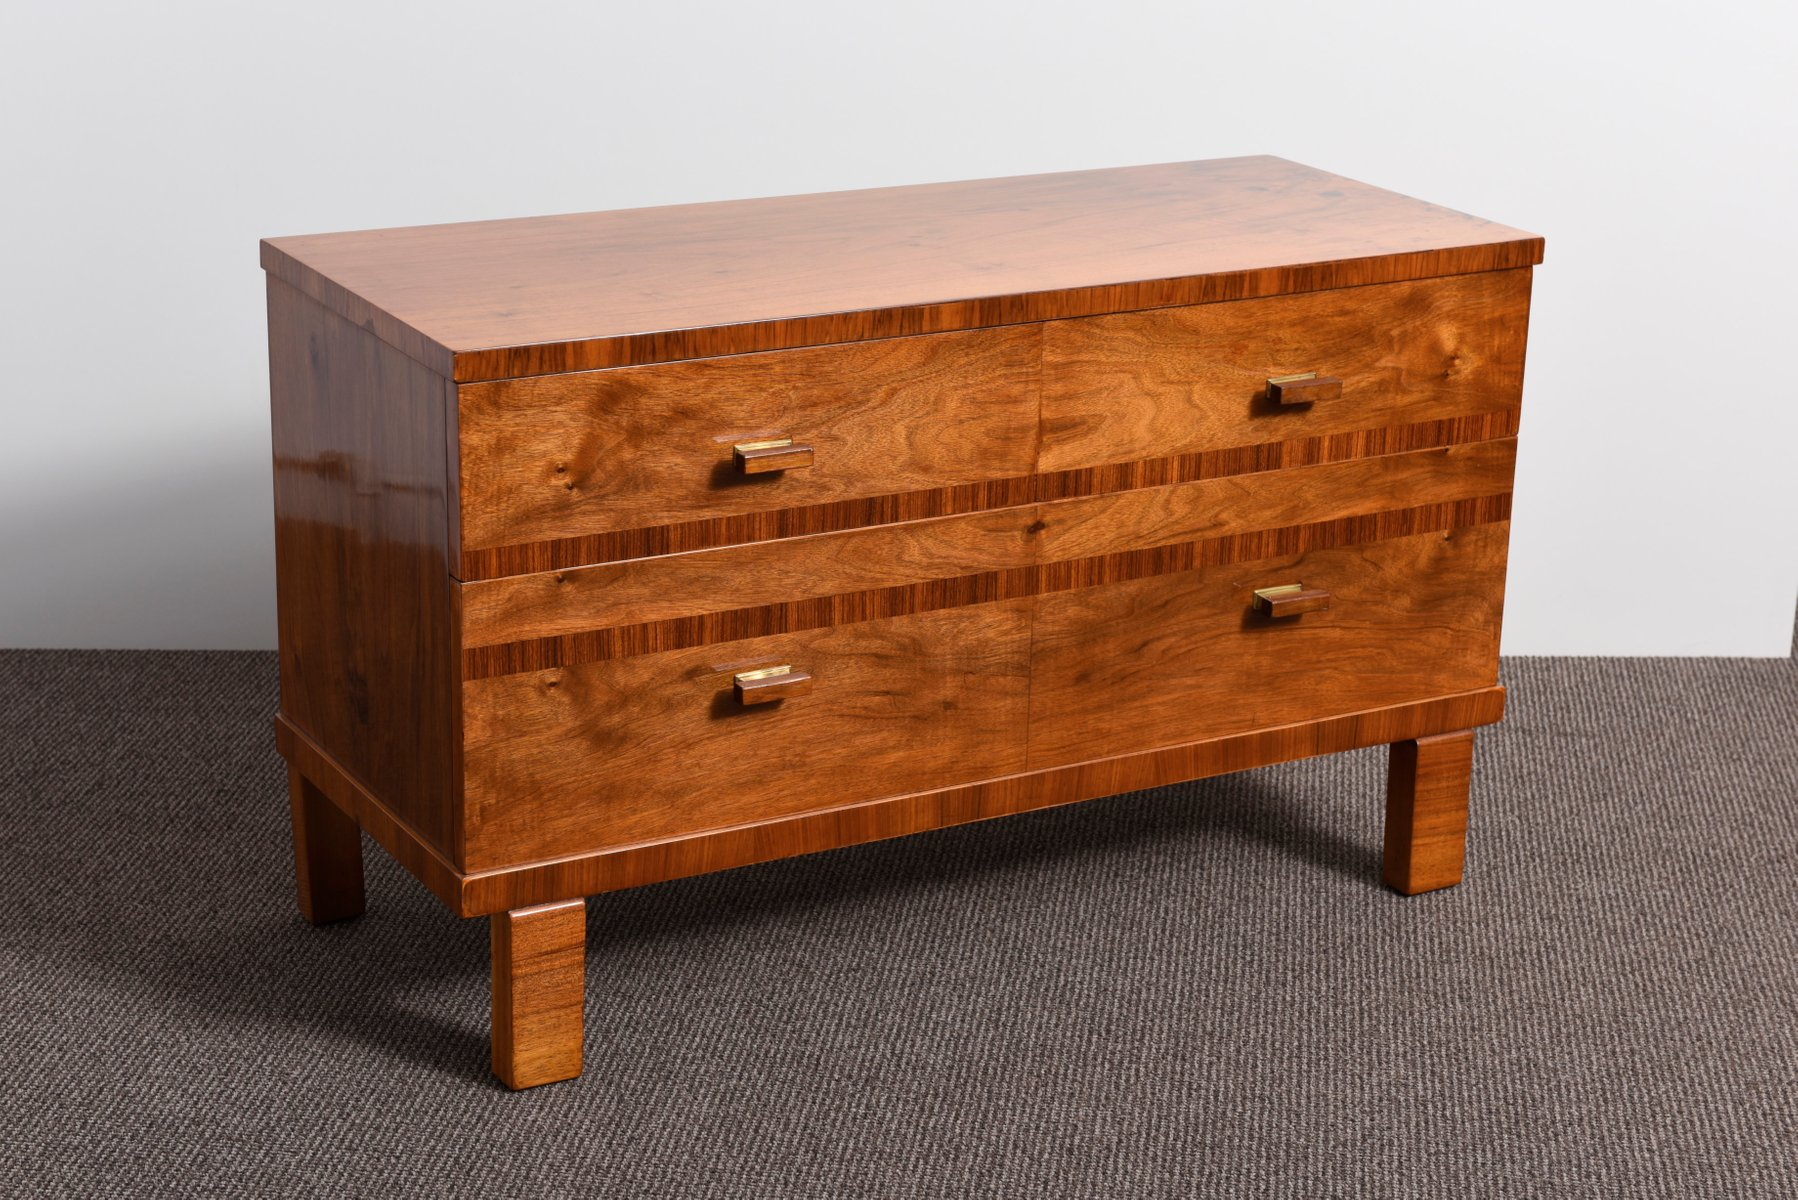 franz sische art deco kommode aus nussholz furnier 1935 bei pamono kaufen. Black Bedroom Furniture Sets. Home Design Ideas